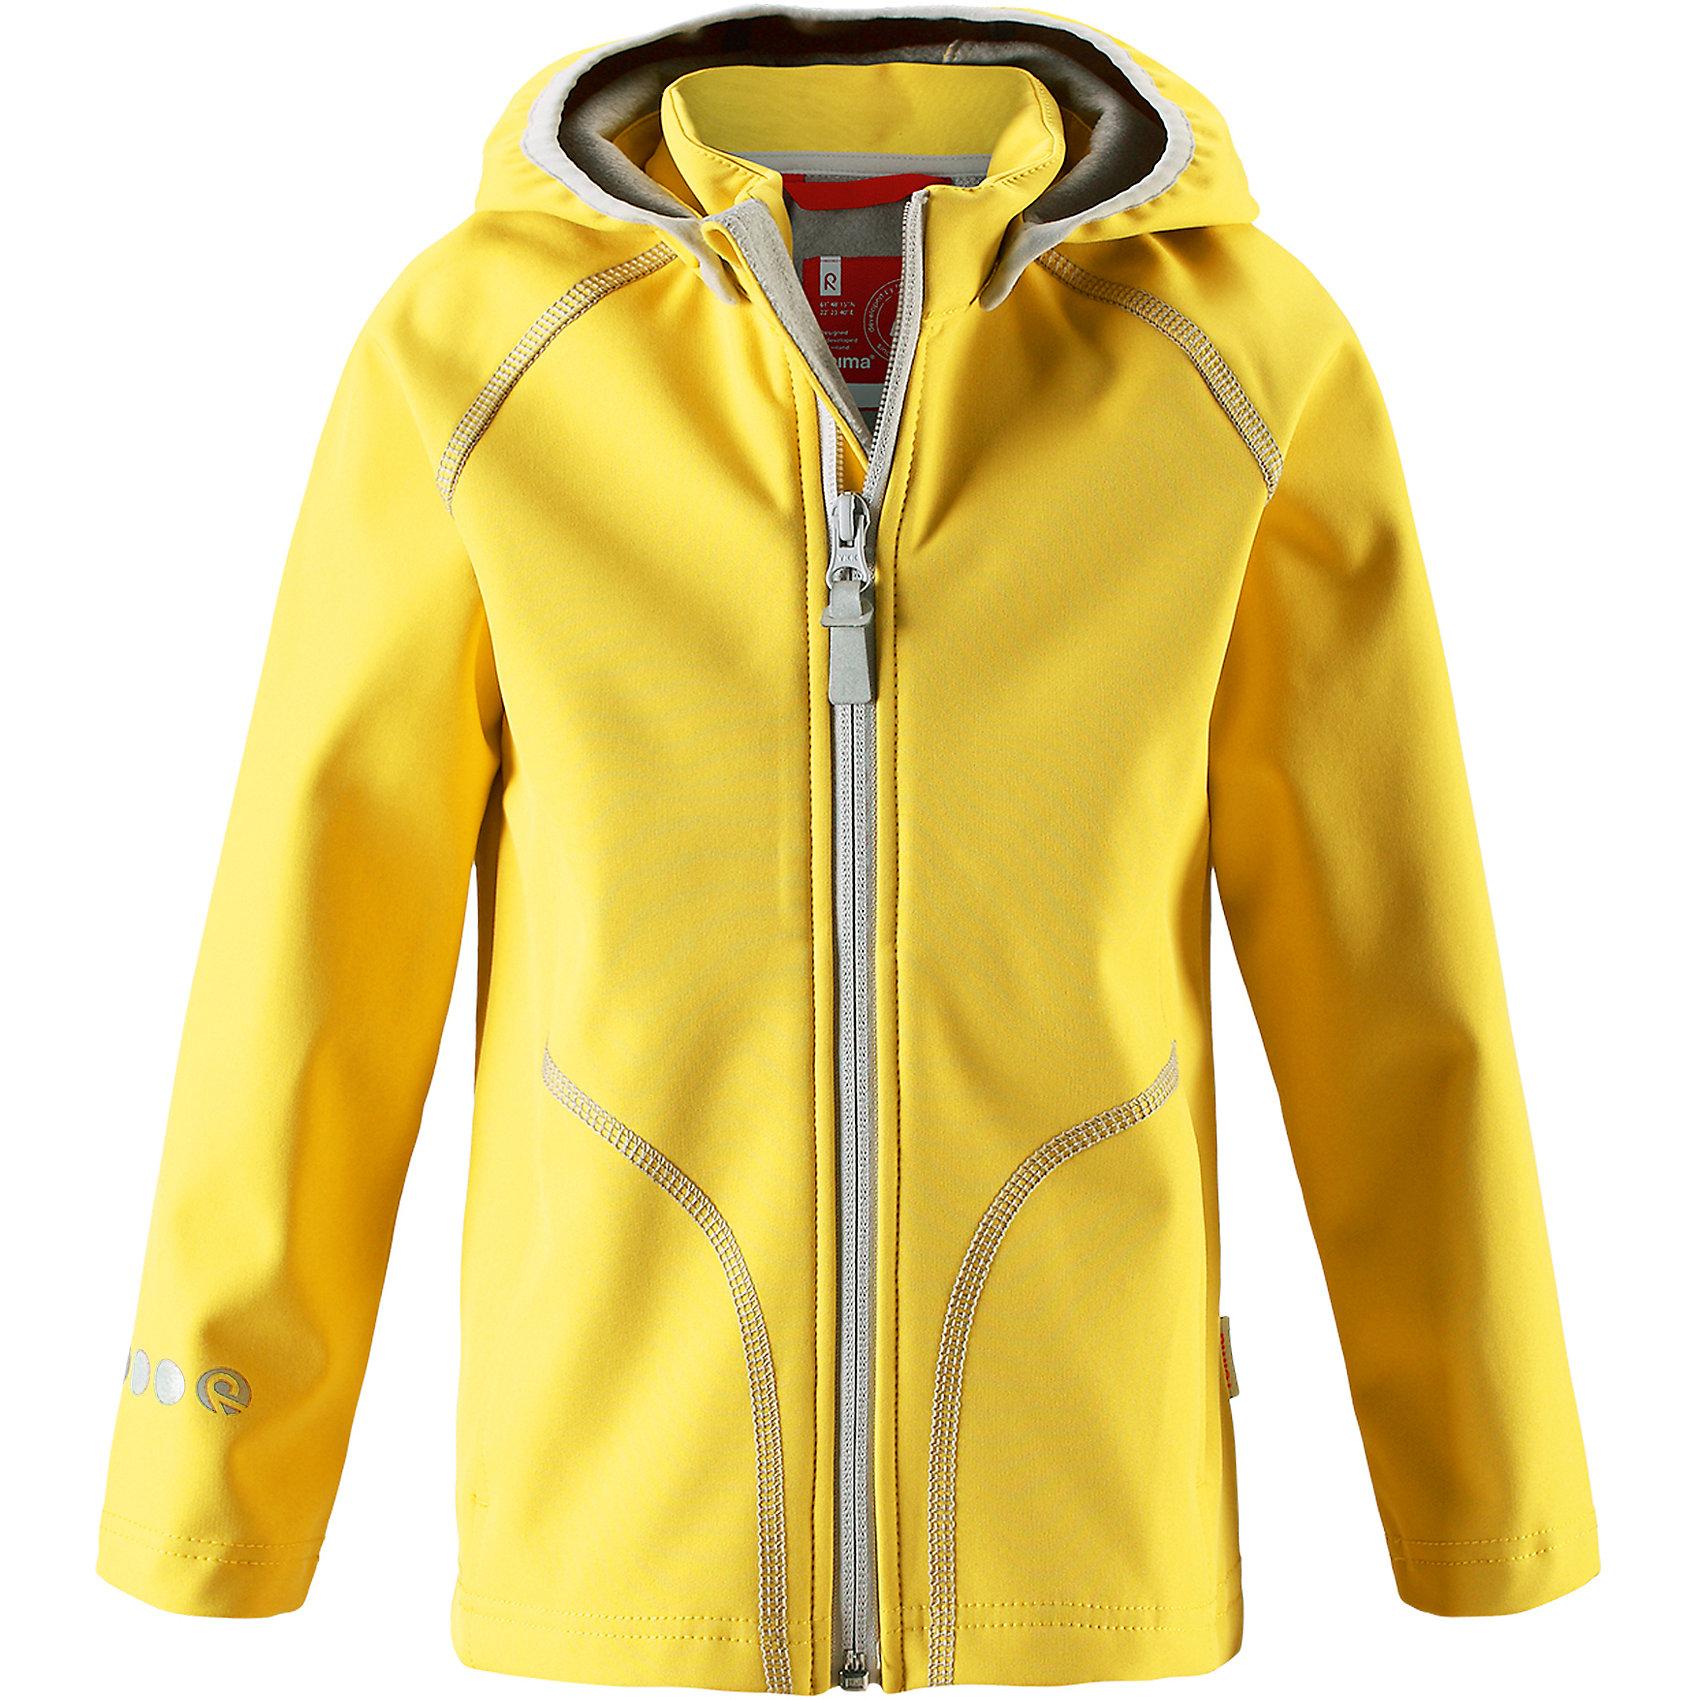 Куртка Vantti ReimaСицилия<br>Характеристики товара:<br><br>• цвет: желтый<br>• состав: 95% полиэстер, 5% эластан, полиуретановое покрытие<br>• температурный режим: от +5°до +15°С<br>• многослойный материал, с изнаночной стороны - флис<br>• водонепроницаемый материал softshell<br>• ветронепроницаемый дышащий материал<br>• безопасный съемный капюшон<br>• два боковых кармана<br>• без утеплителя<br>• молния<br>• комфортная посадка<br>• страна производства: Китай<br>• страна бренда: Финляндия<br>• коллекция: весна-лето 2017<br><br>Верхняя одежда для детей может быть модной и комфортной одновременно! Демисезонная куртка поможет обеспечить ребенку комфорт и тепло. Она отлично смотрится с различной одеждой и обувью. Изделие удобно сидит и модно выглядит. Материал - прочный, хорошо подходящий для межсезонья. Стильный дизайн разрабатывался специально для детей.<br><br>Одежда и обувь от финского бренда Reima пользуется популярностью во многих странах. Эти изделия стильные, качественные и удобные. Для производства продукции используются только безопасные, проверенные материалы и фурнитура. Порадуйте ребенка модными и красивыми вещами от Reima! <br><br>Куртку Reimatec® от финского бренда Reima (Рейма) можно купить в нашем интернет-магазине.<br><br>Ширина мм: 356<br>Глубина мм: 10<br>Высота мм: 245<br>Вес г: 519<br>Цвет: желтый<br>Возраст от месяцев: 108<br>Возраст до месяцев: 120<br>Пол: Унисекс<br>Возраст: Детский<br>Размер: 140,104,110,116,122,128,134<br>SKU: 5268522